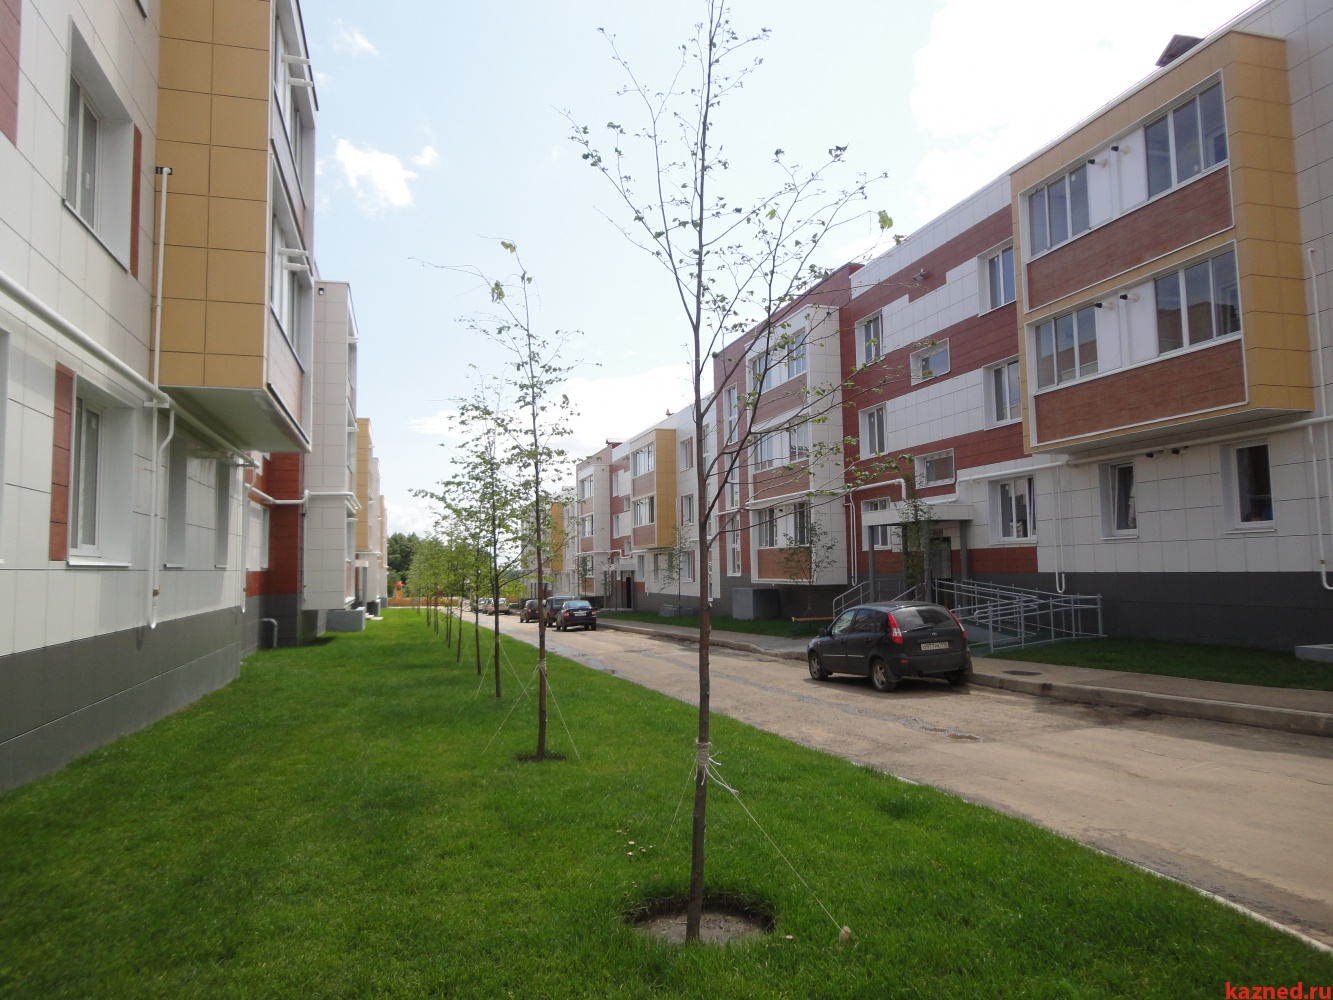 Продажа 1-к квартиры Мамадышский тракт, 34 м2  (миниатюра №1)